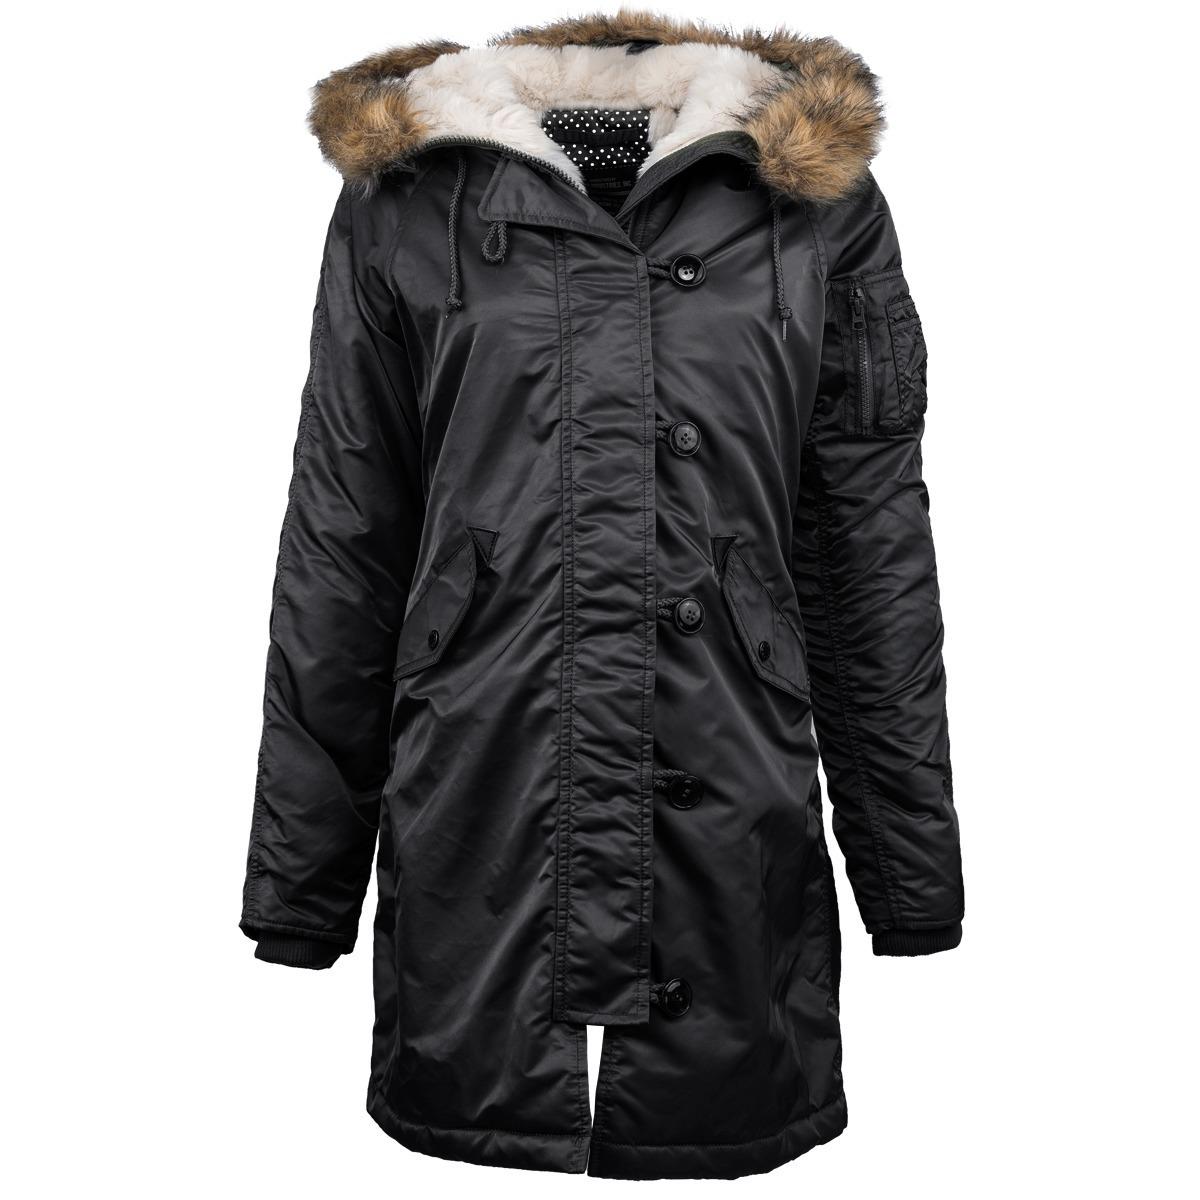 Куртка Аляска Женская - Elyse Parka 2015 (черная - black)